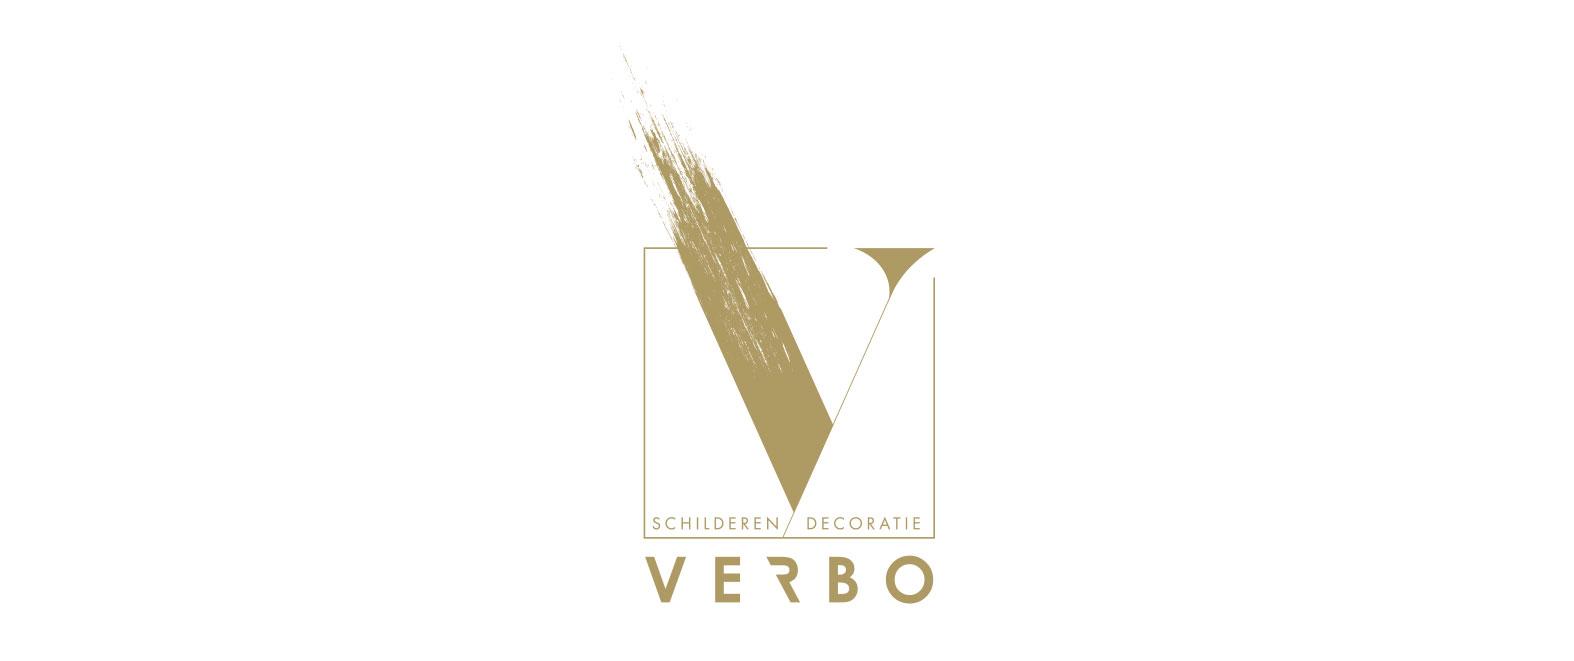 logo-ontwerp verbo schilderwerken